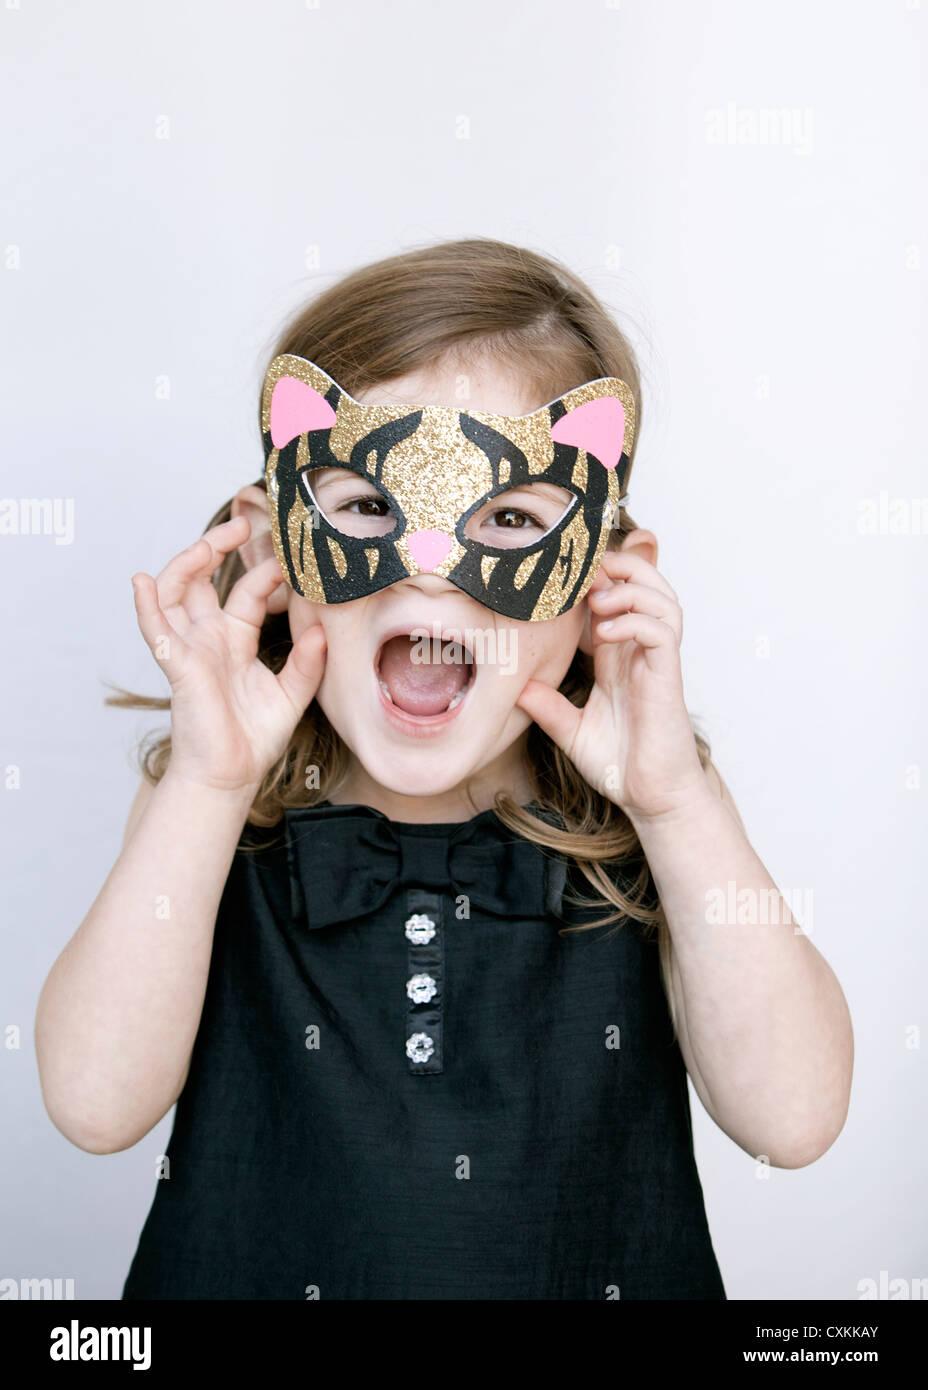 Niña con máscara de tigre Imagen De Stock